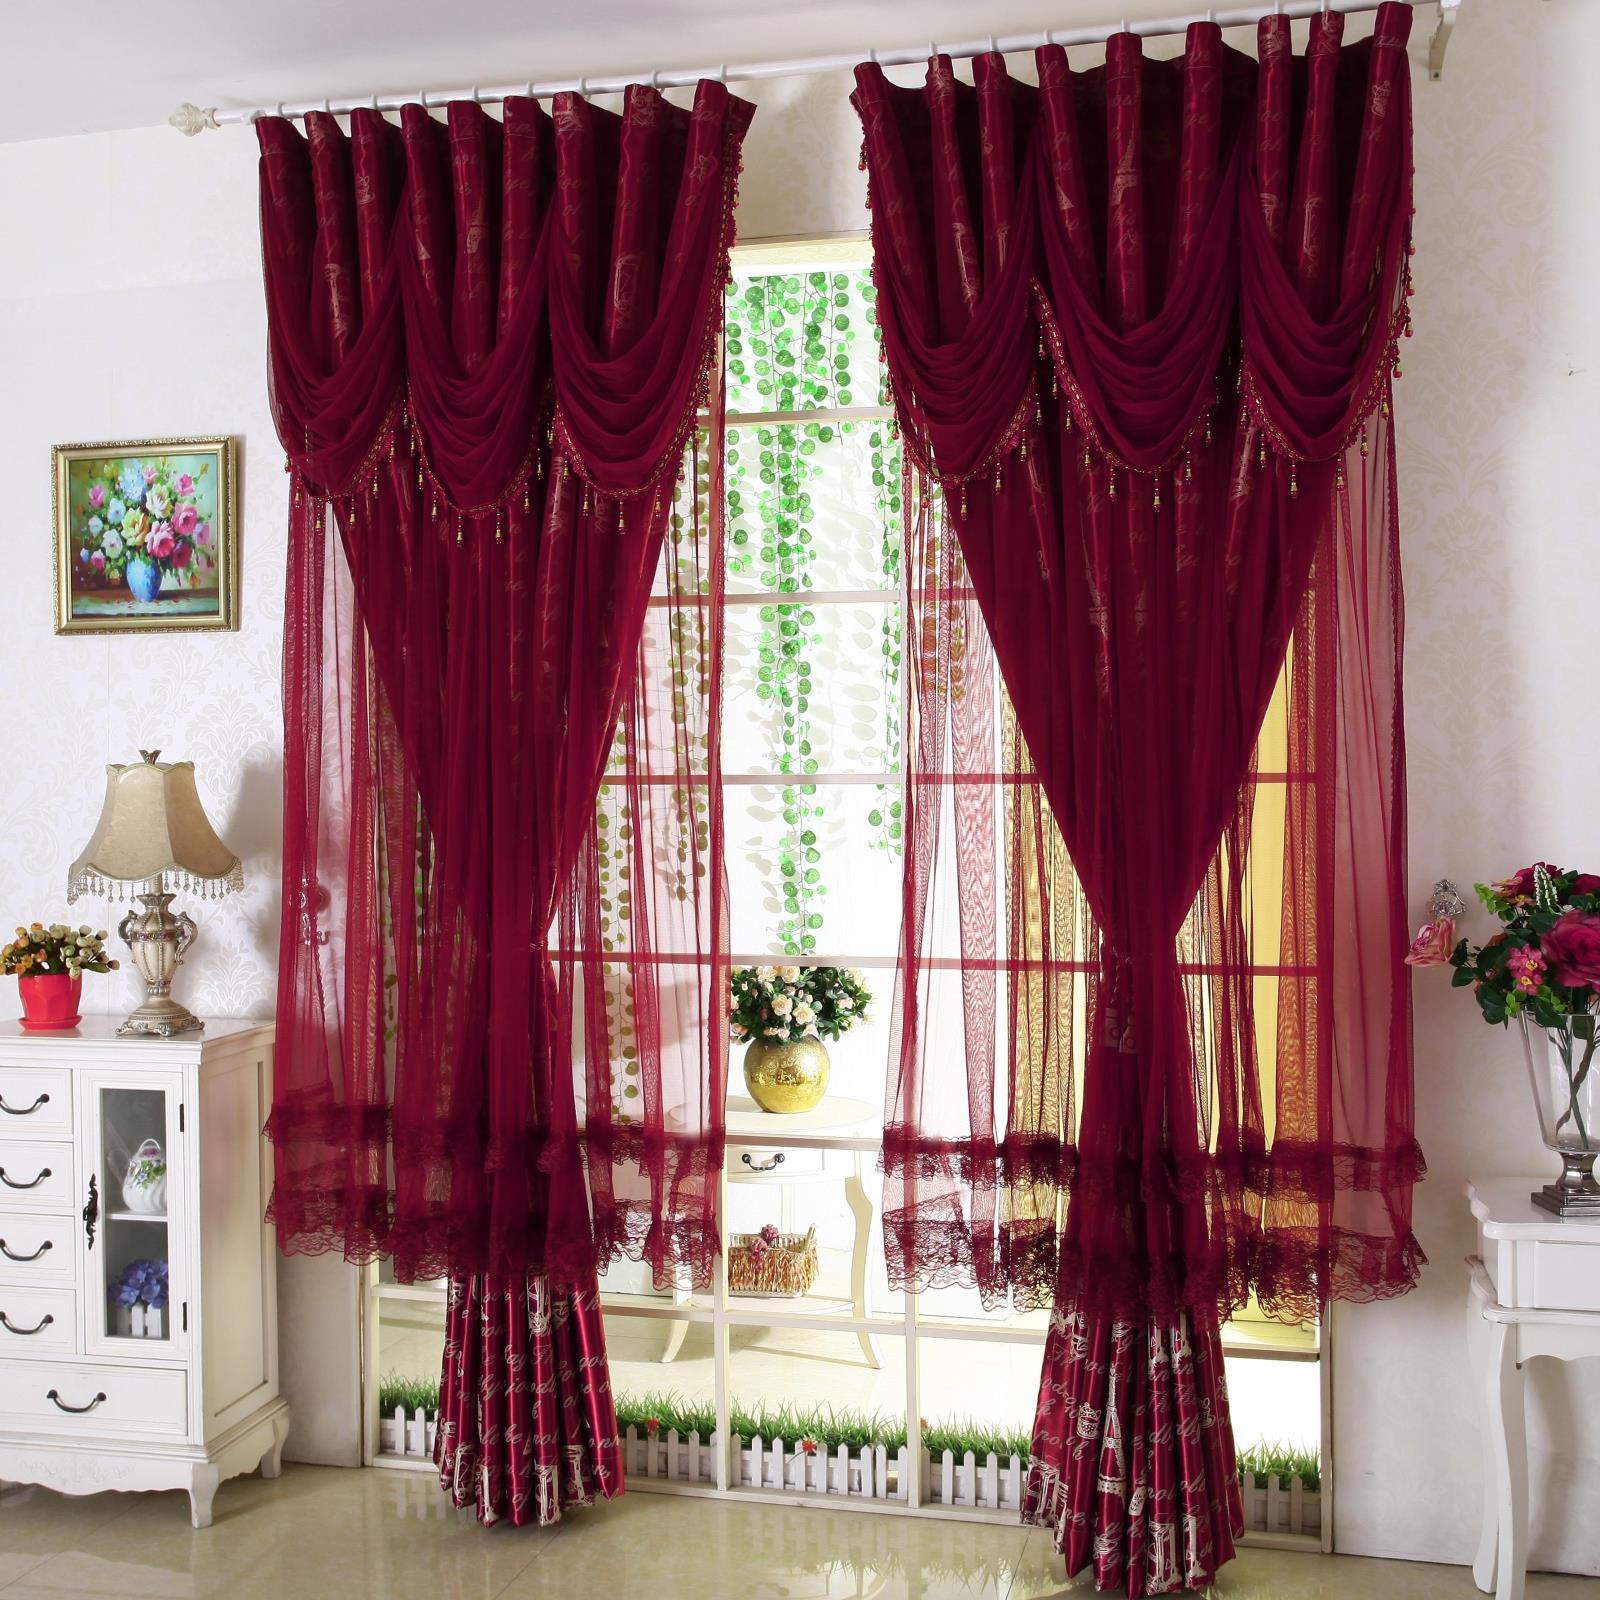 Красные шторы в интерьере: 4 варианта использования